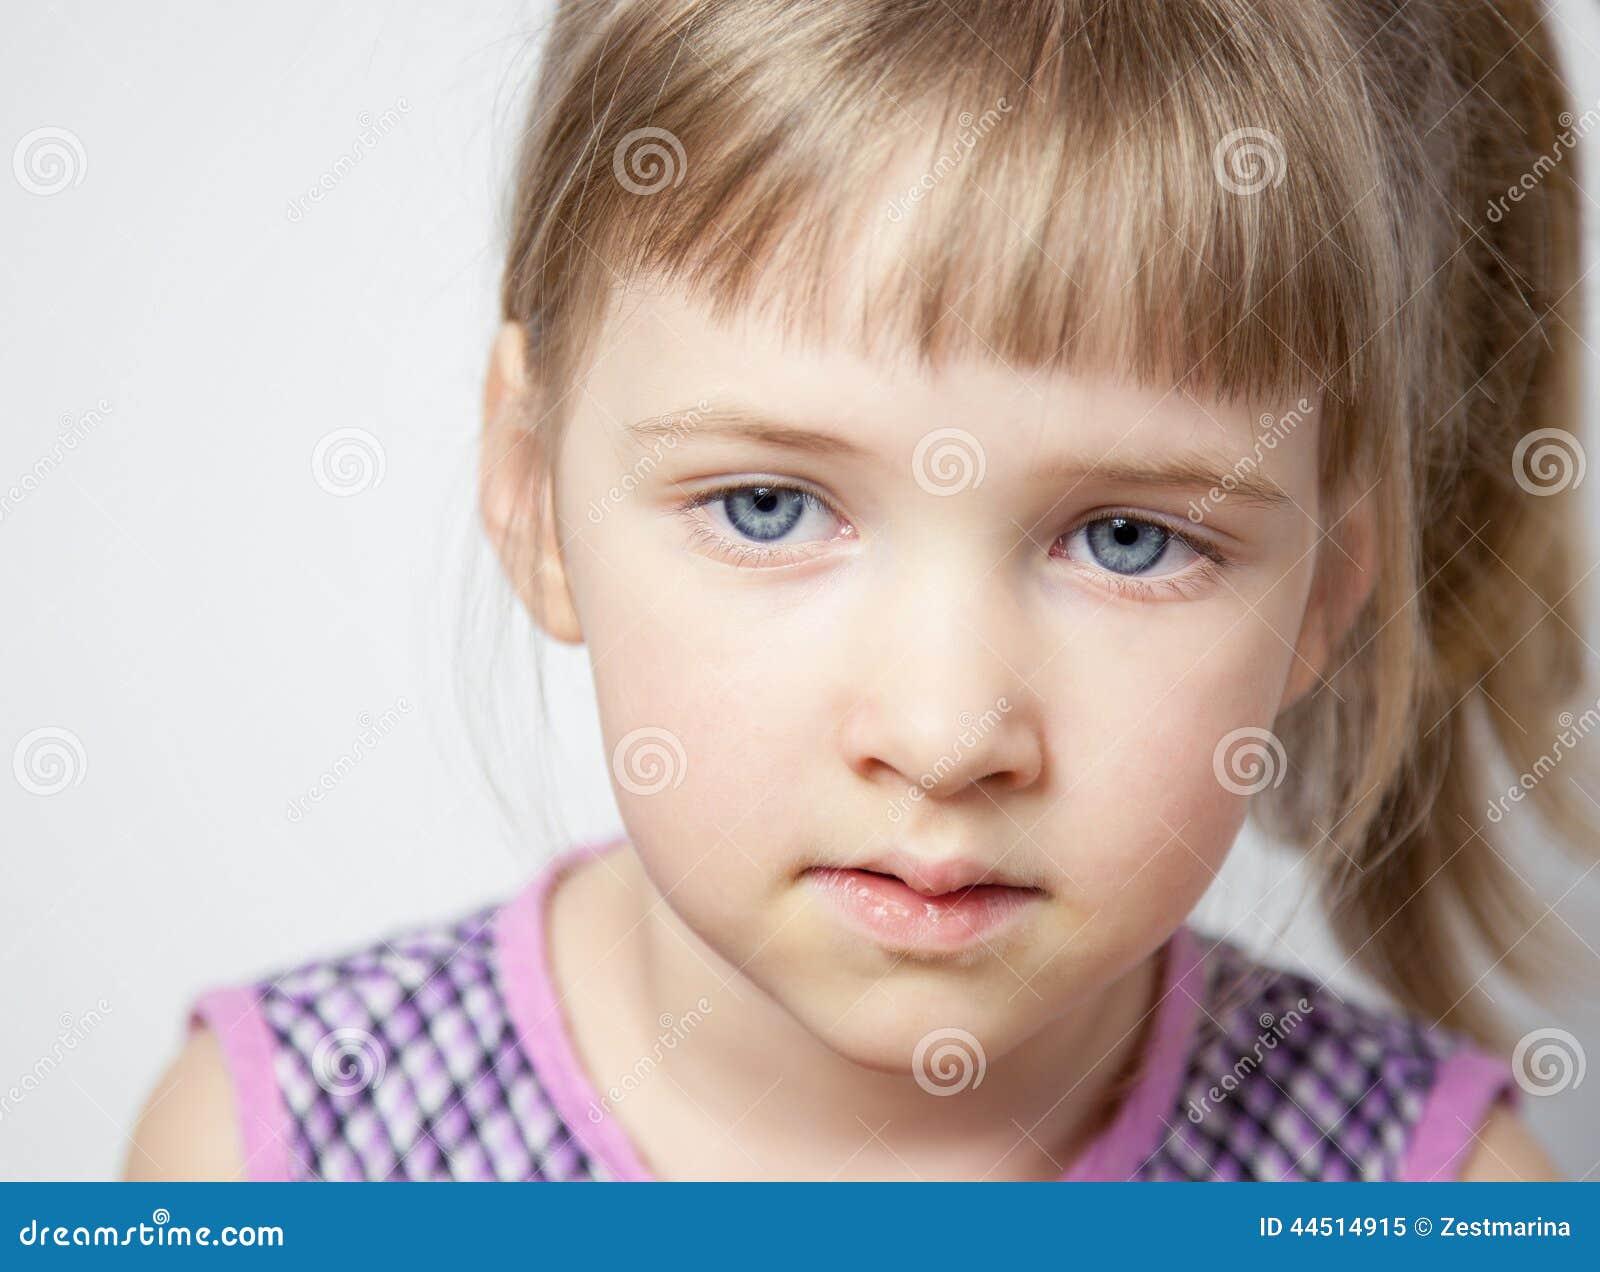 一个美丽的小女孩的画象图片